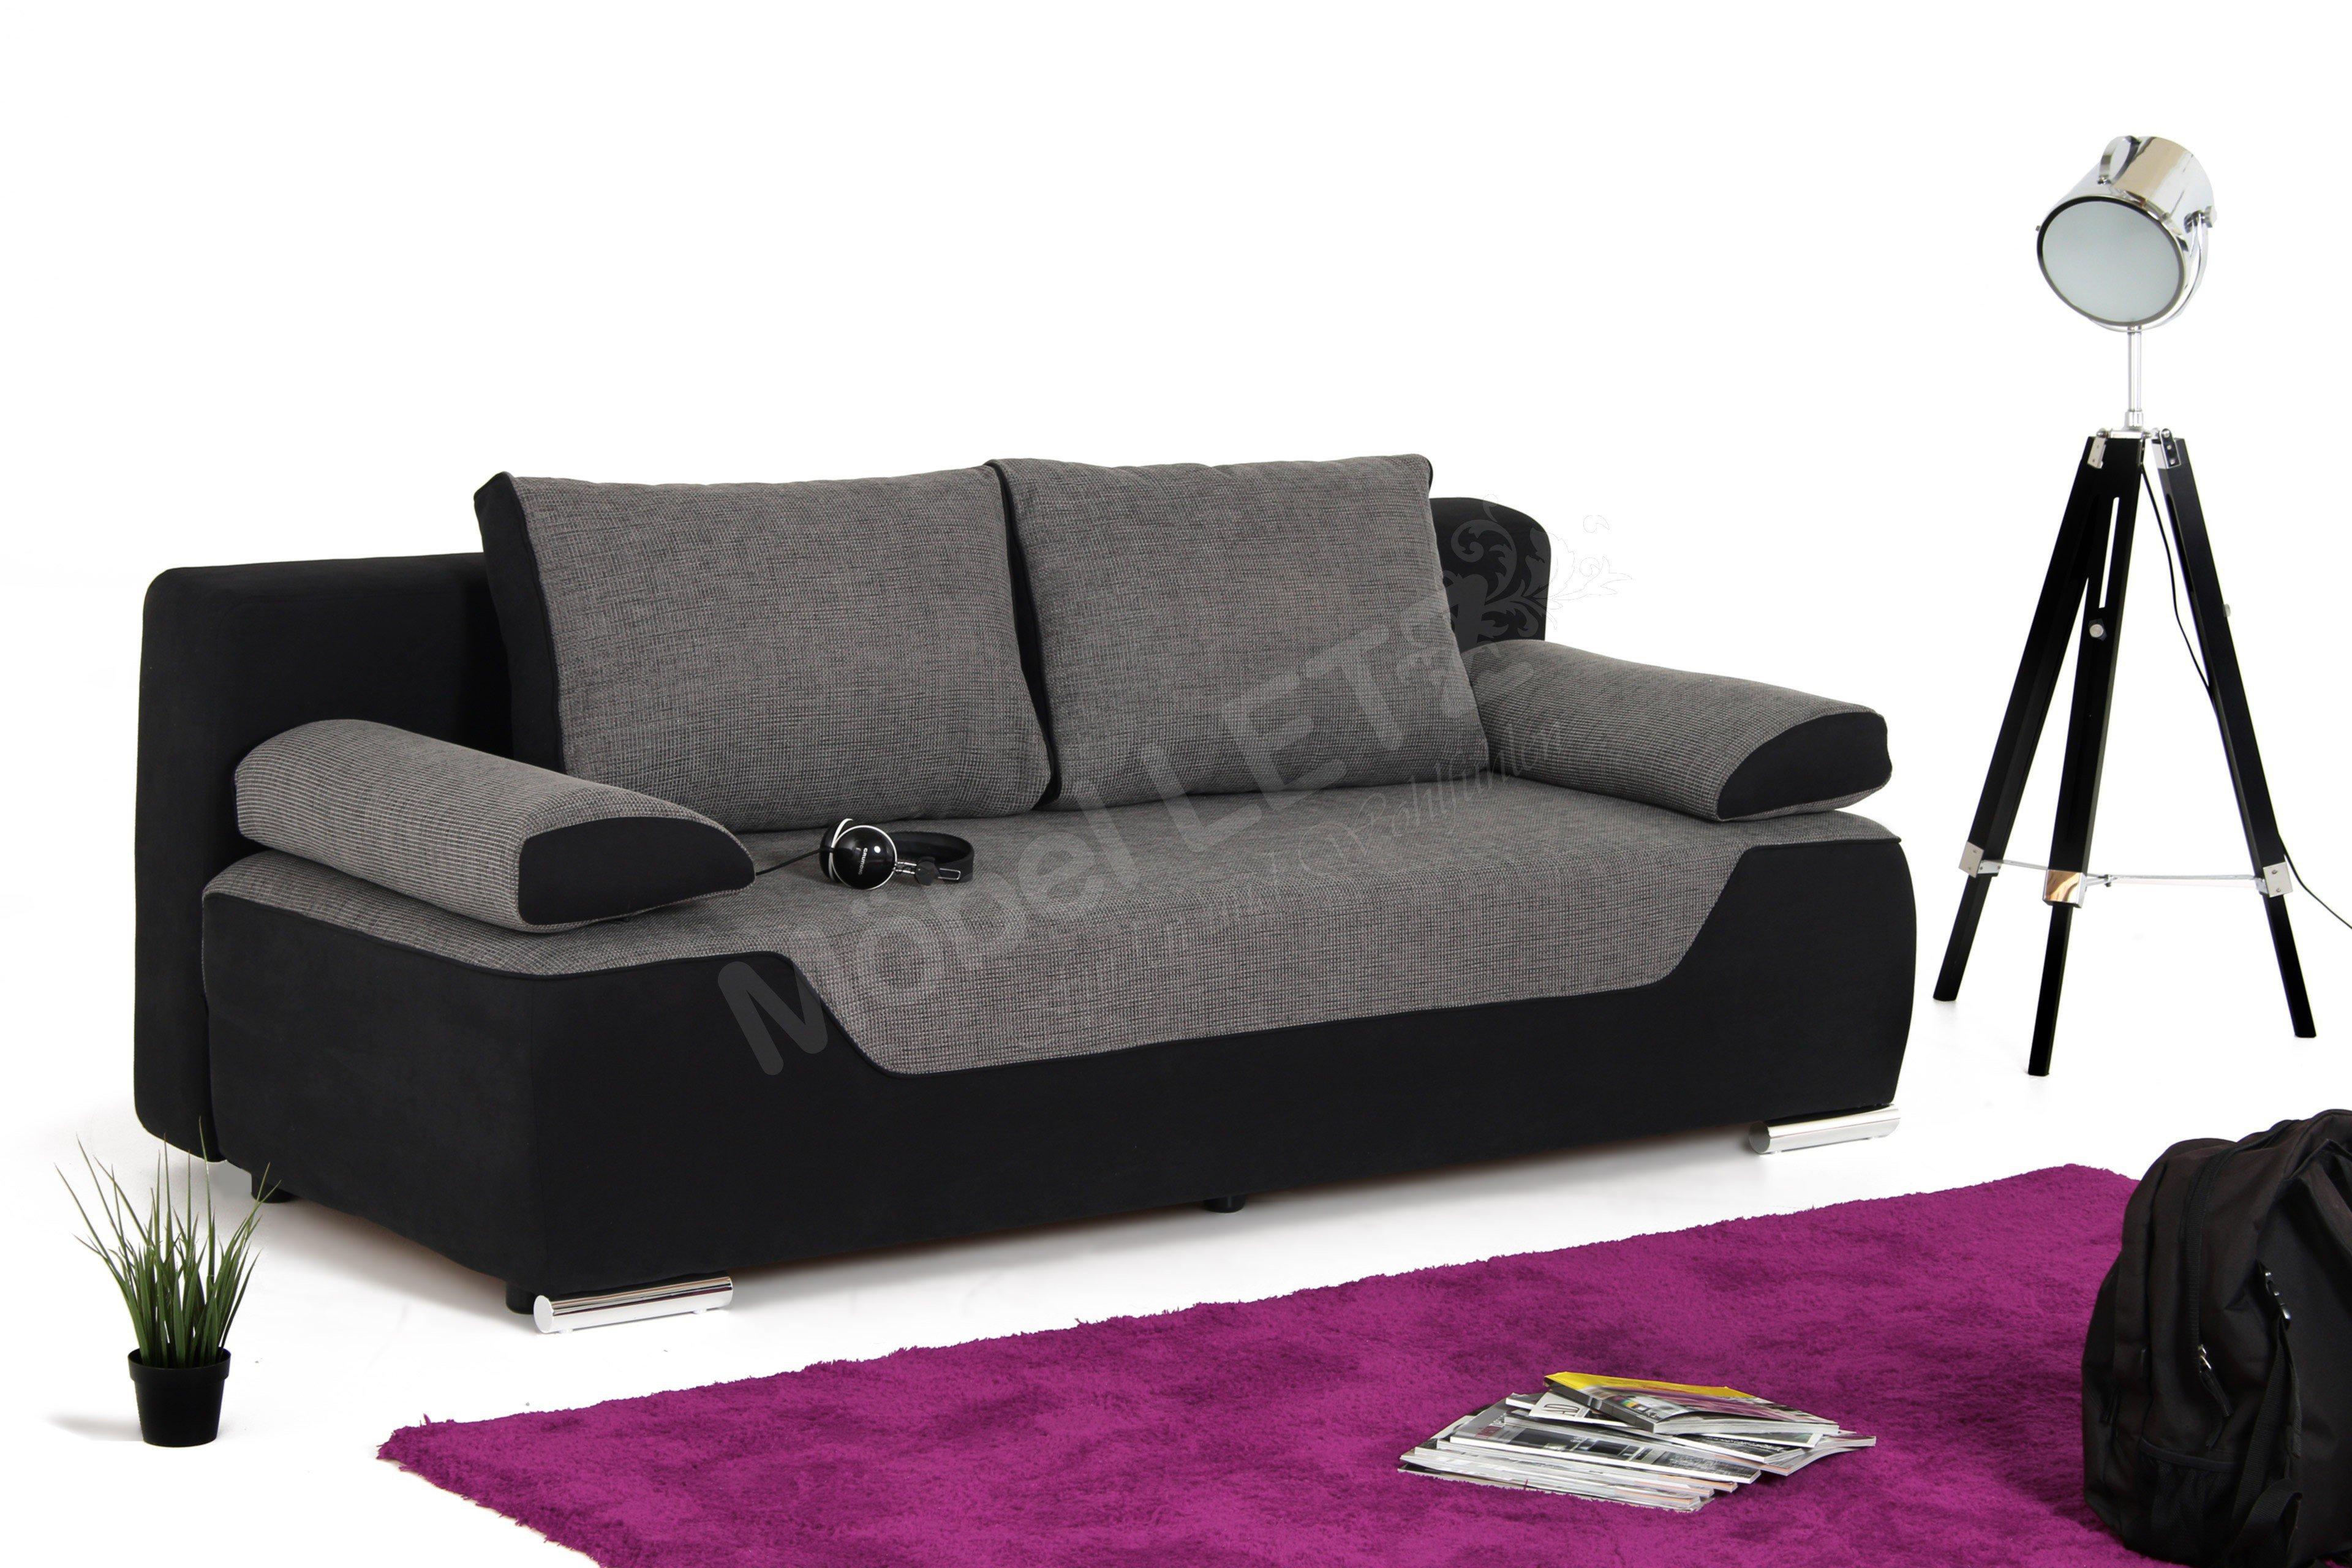 schlafsofa 140x200 bettkasten schlafcouch mit federkern. Black Bedroom Furniture Sets. Home Design Ideas